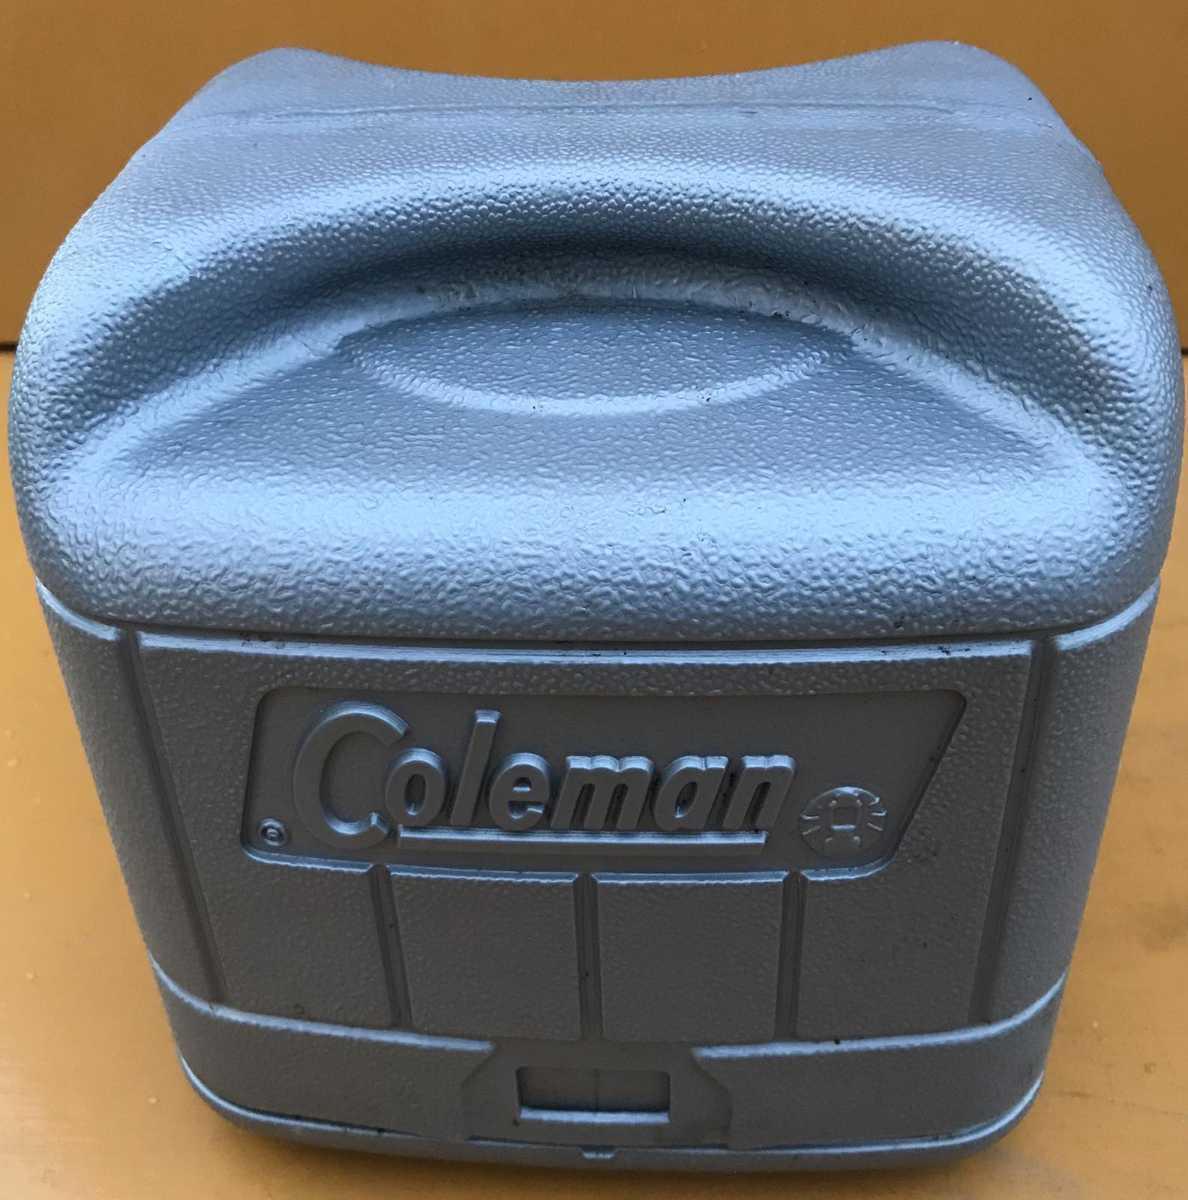 新品未使用 COLEMAN 508A コールマンシングルバーナー未使用品 キャンプ用品STOVE _画像7